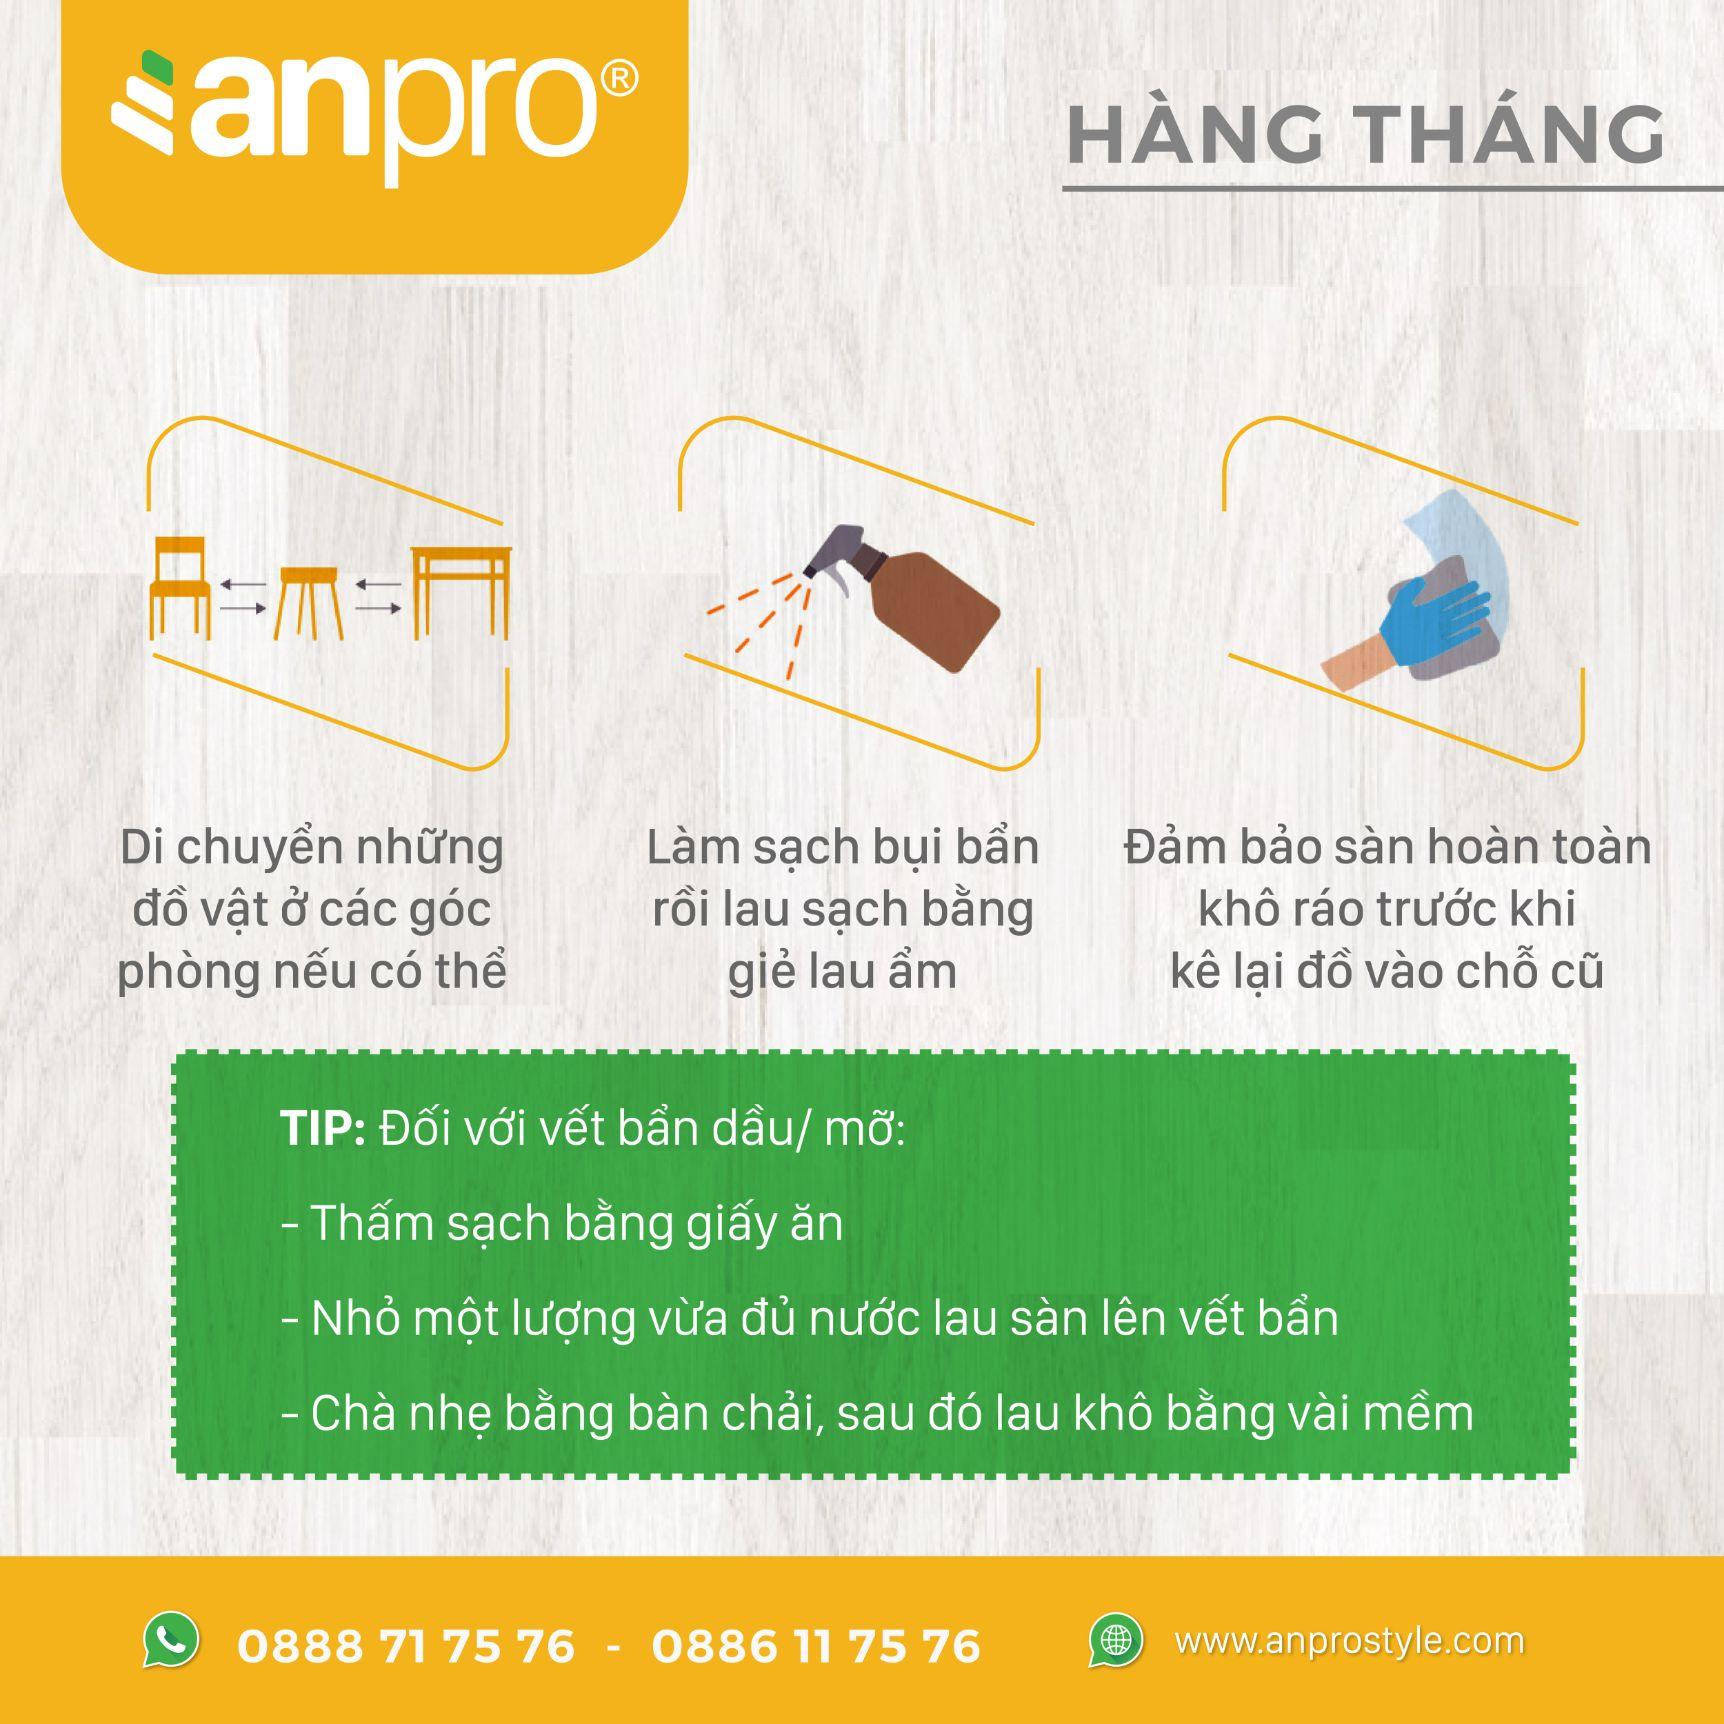 4 - Cách vệ sinh sàn vân gỗ AnPro